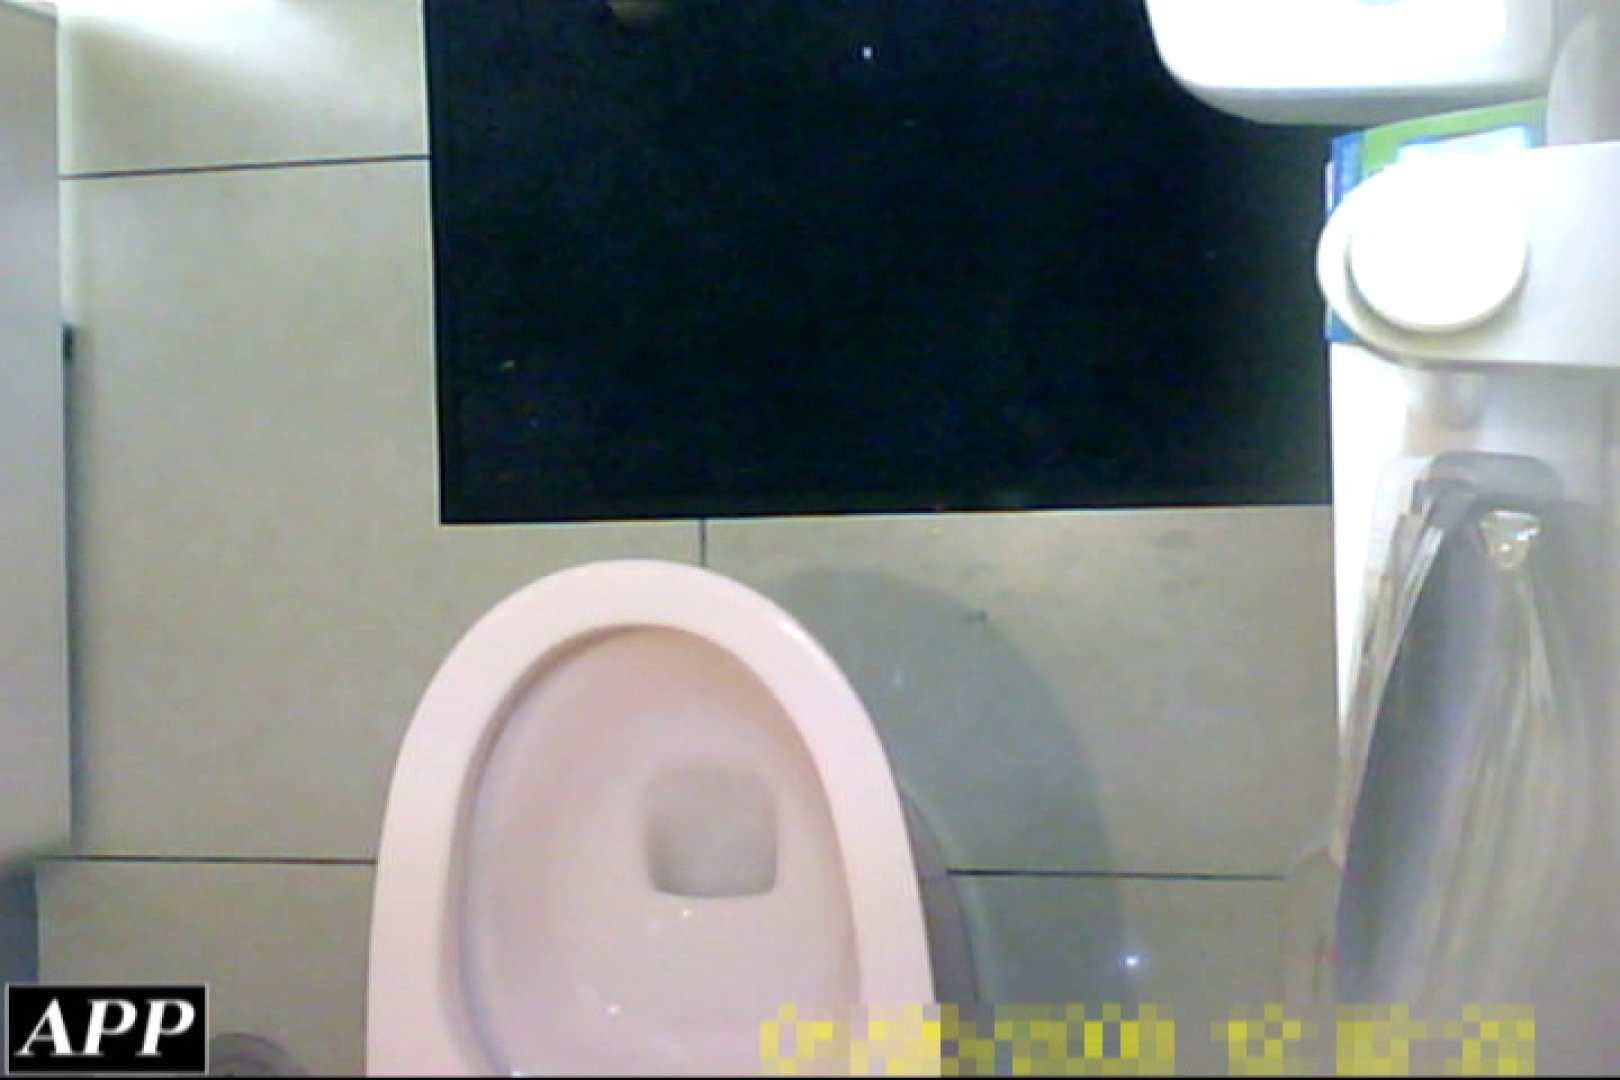 3視点洗面所 vol.108 オマンコギャル おまんこ無修正動画無料 103連発 57